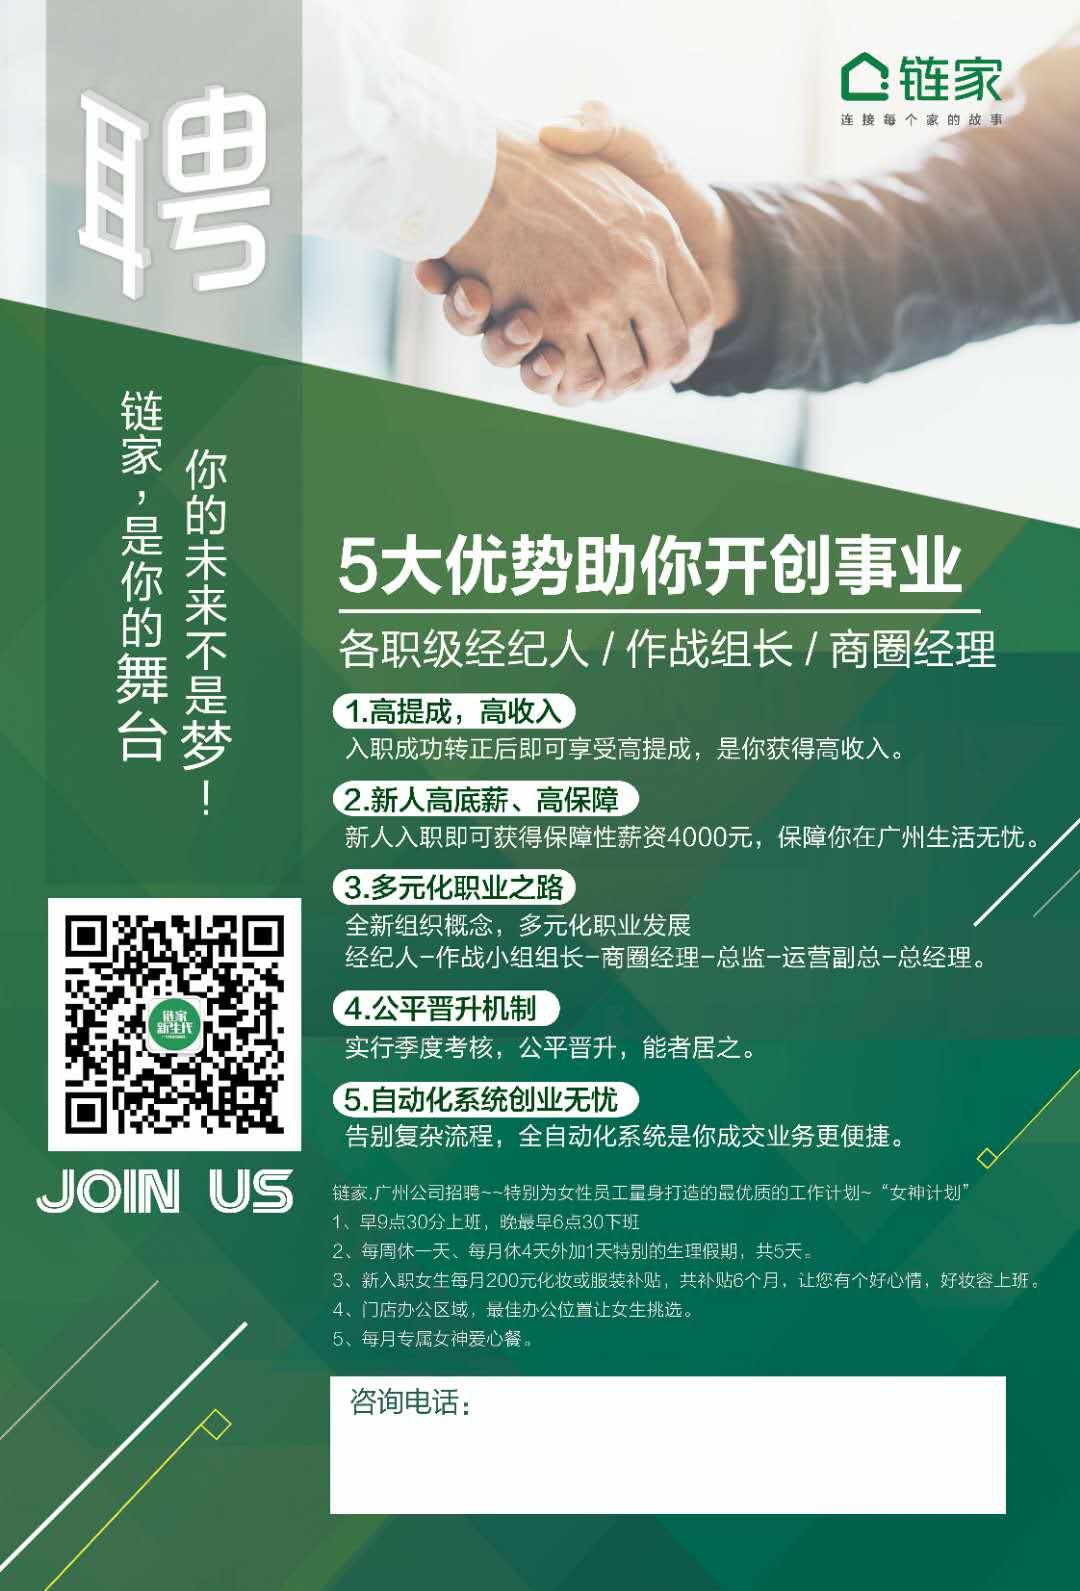 广州市链家房地产代理有限公司宣讲会